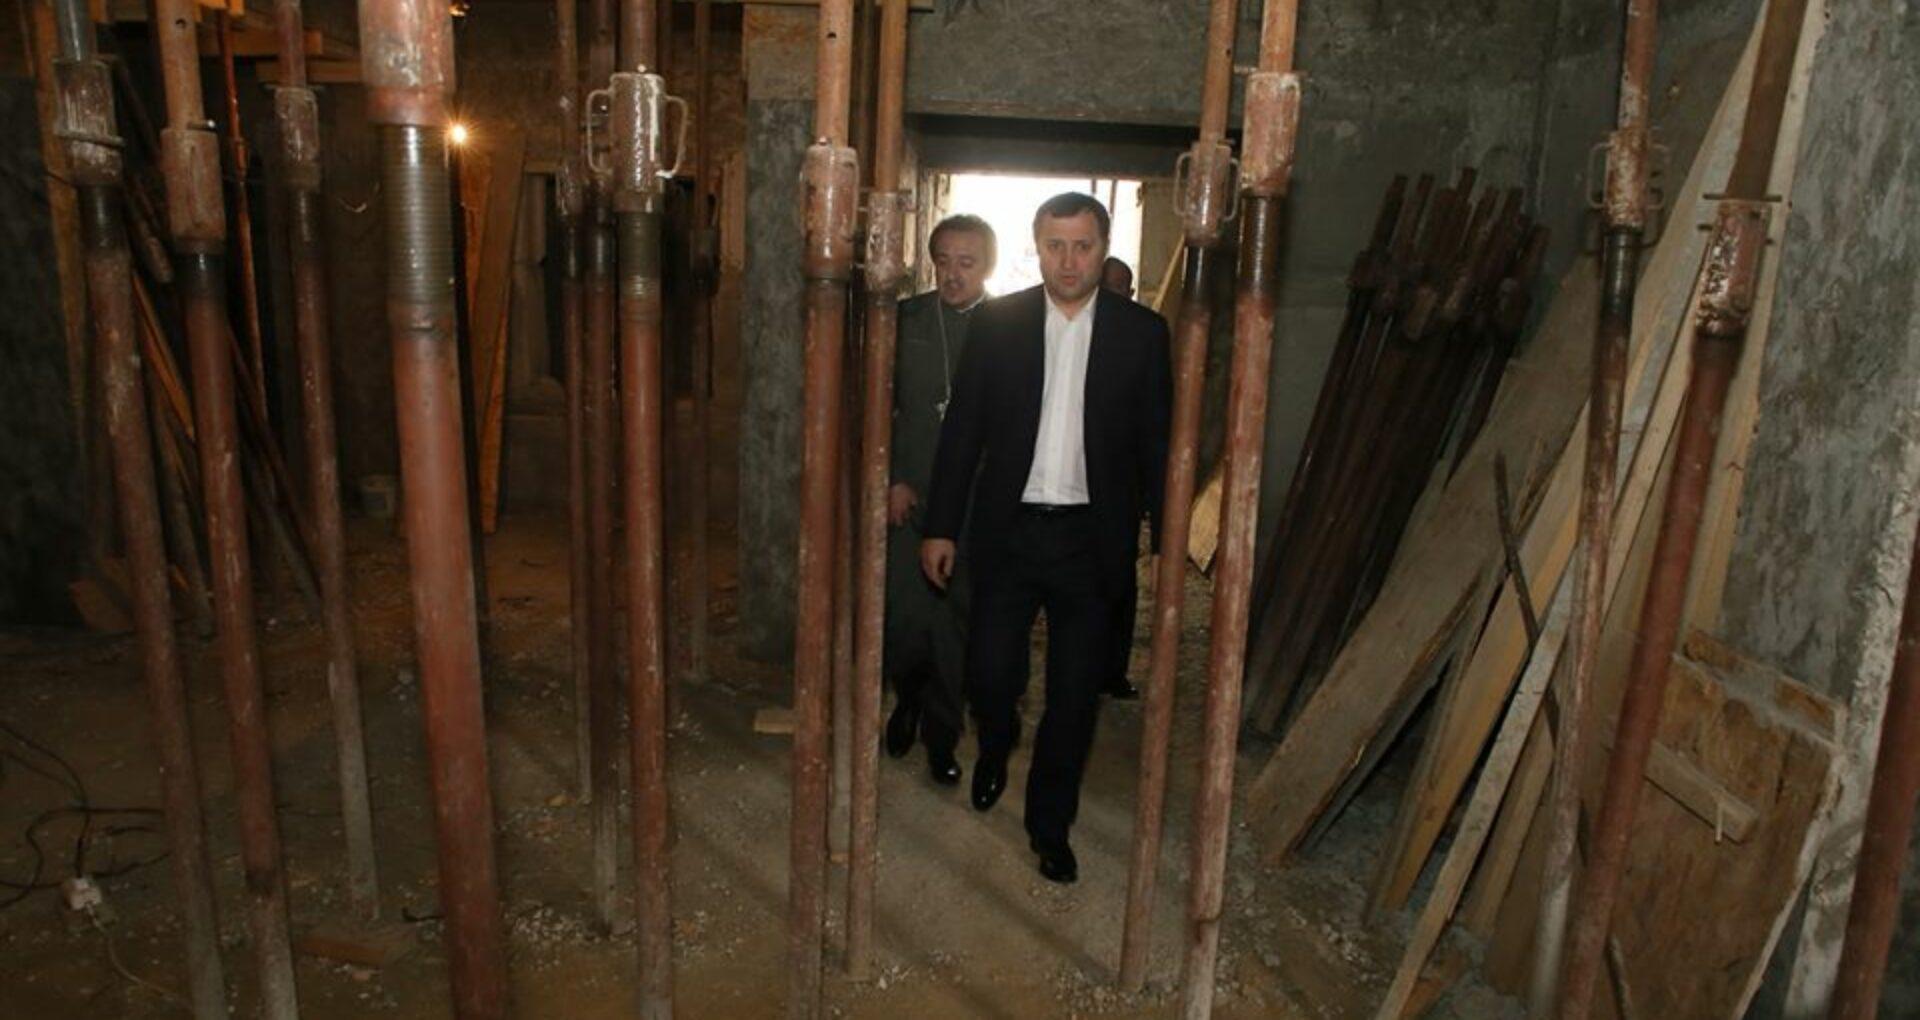 DOC/ Cum motivează Judecătoria Chișinău reducerea cu 682 de zile a pedepsei cu închisoarea pe numele lui Filat